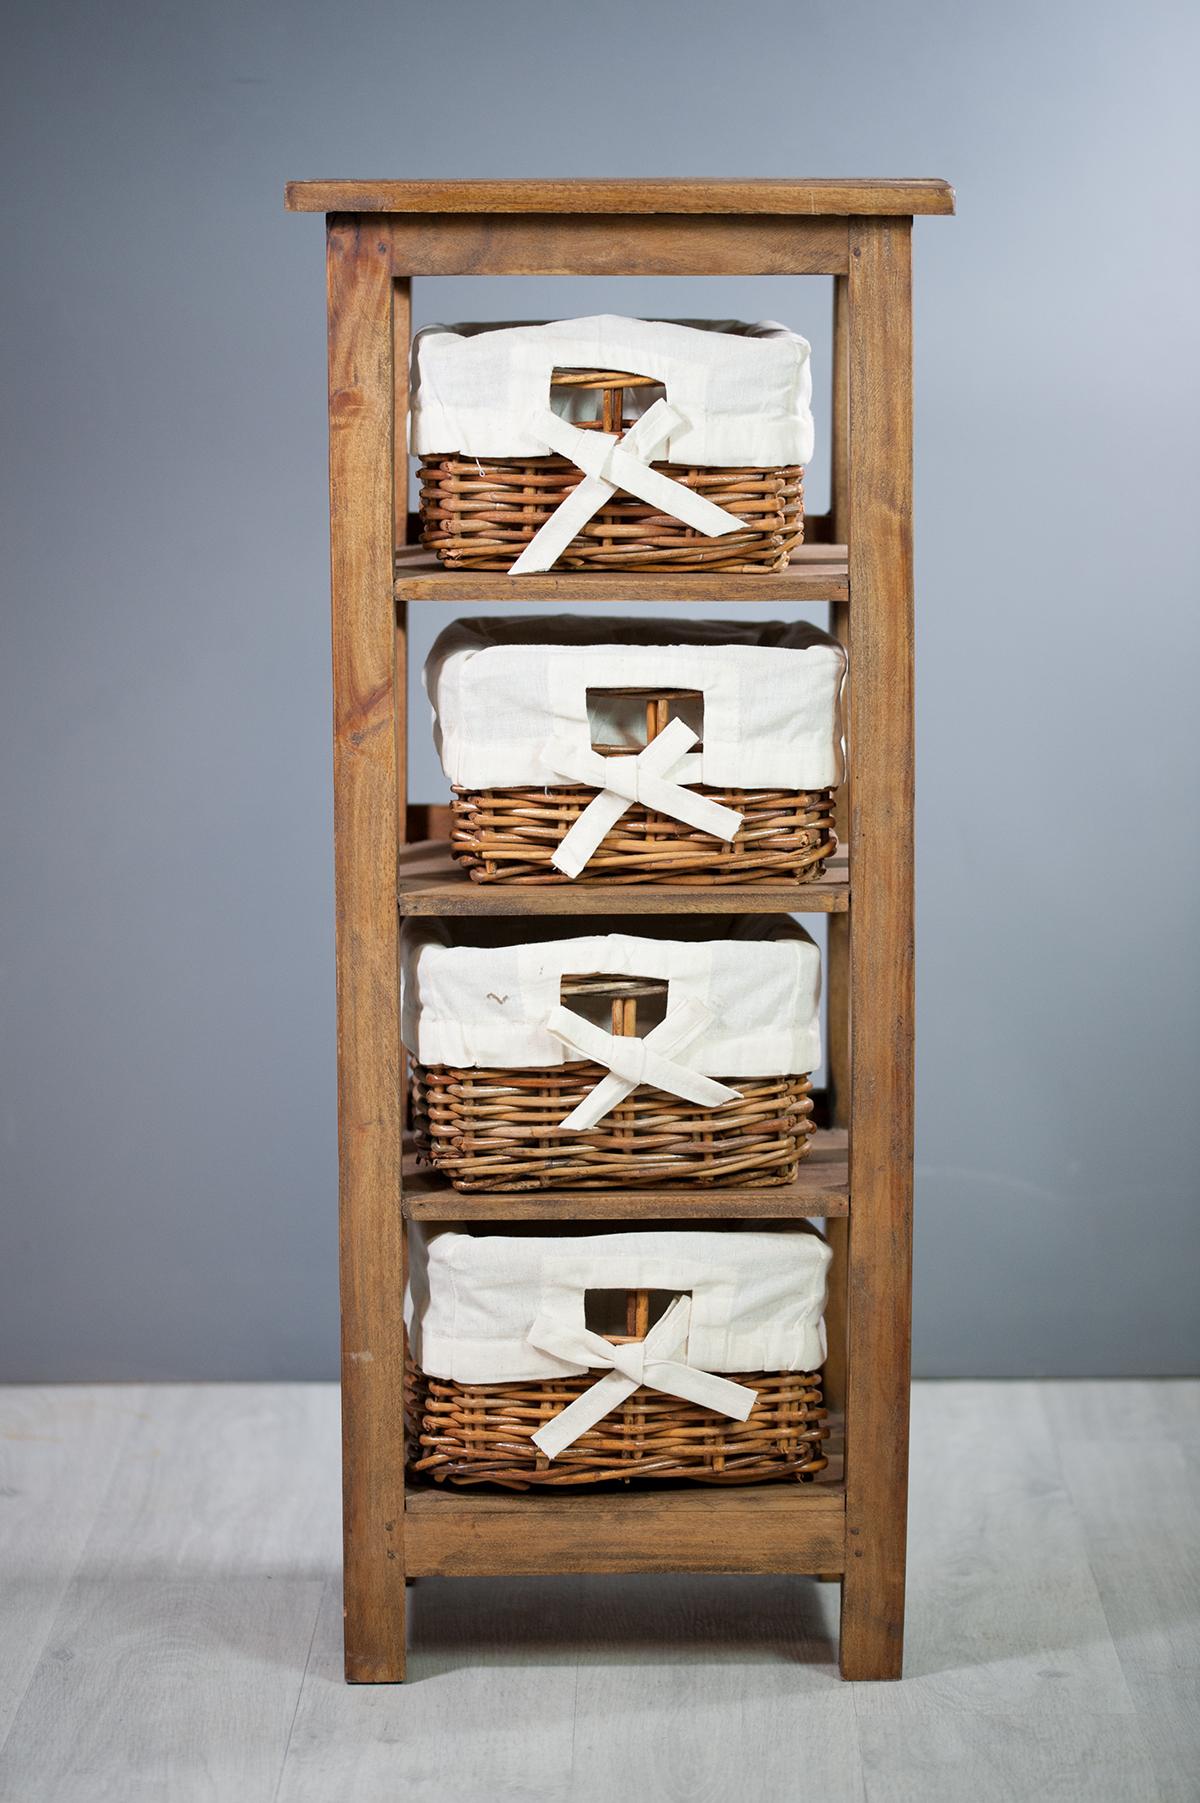 meuble colonne en bois exotique 4 paniers sur containers. Black Bedroom Furniture Sets. Home Design Ideas